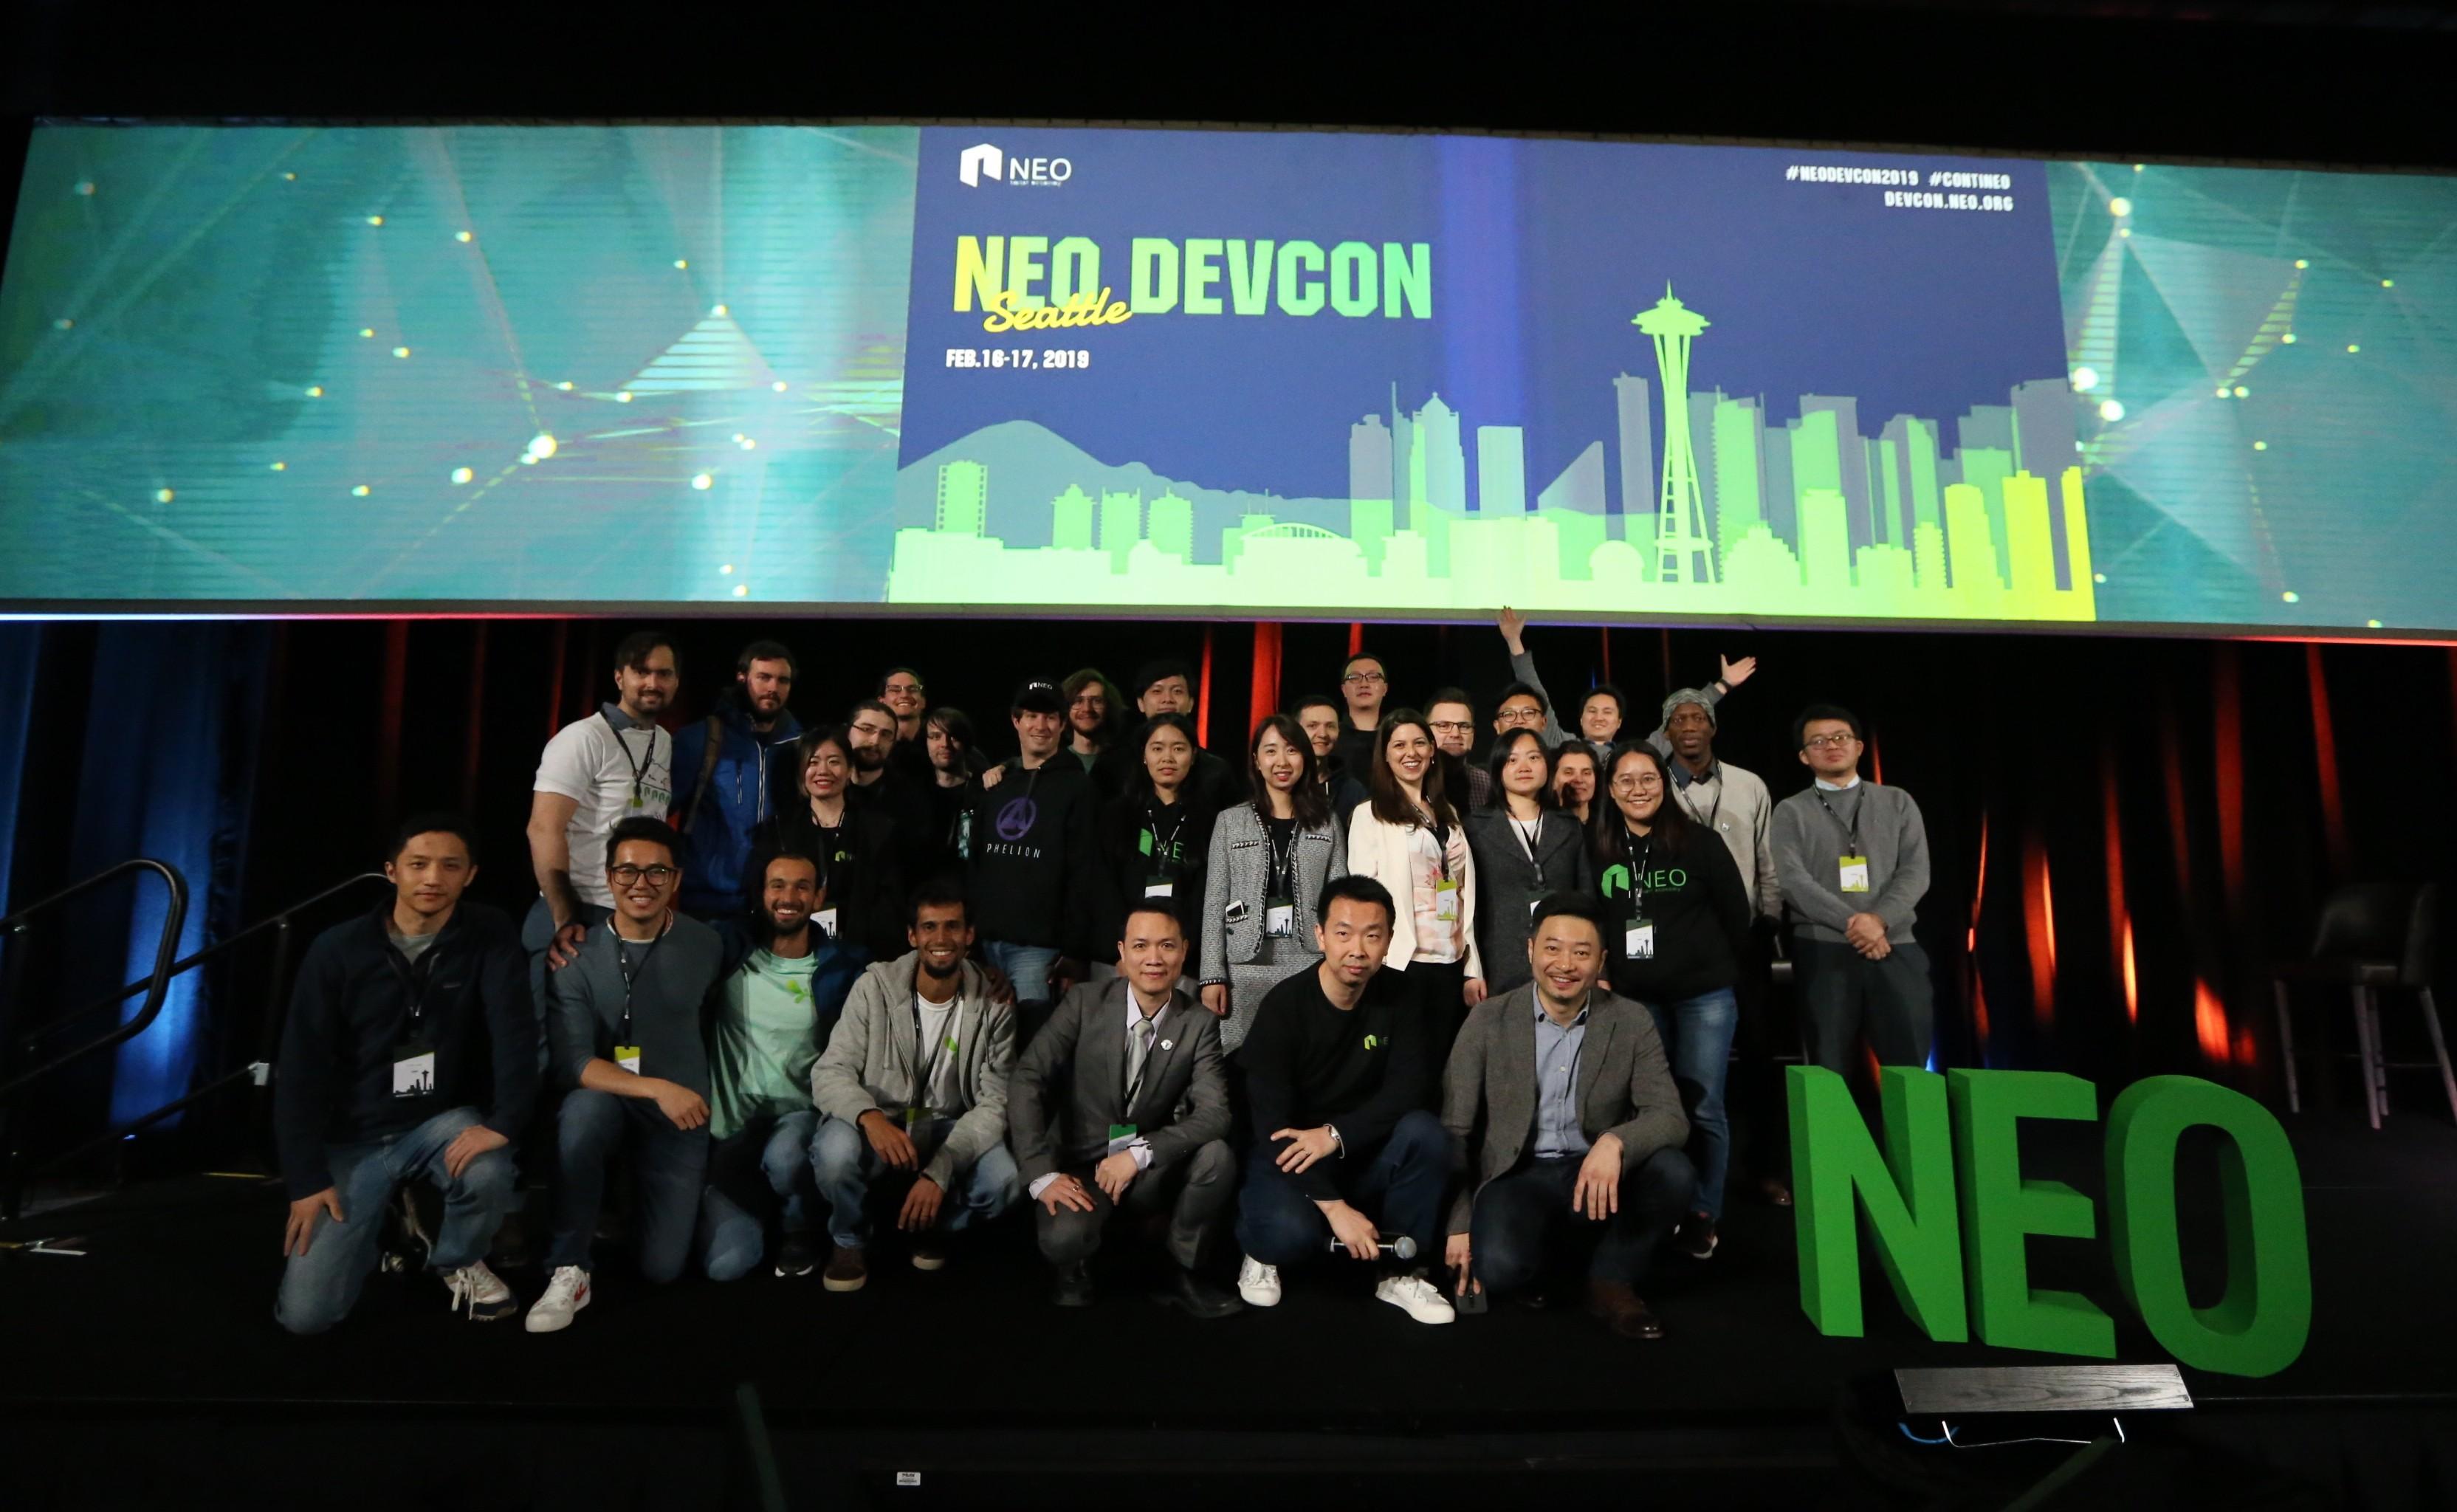 """为智能经济""""加码"""" 开发者大会建设 NEO 3.0"""